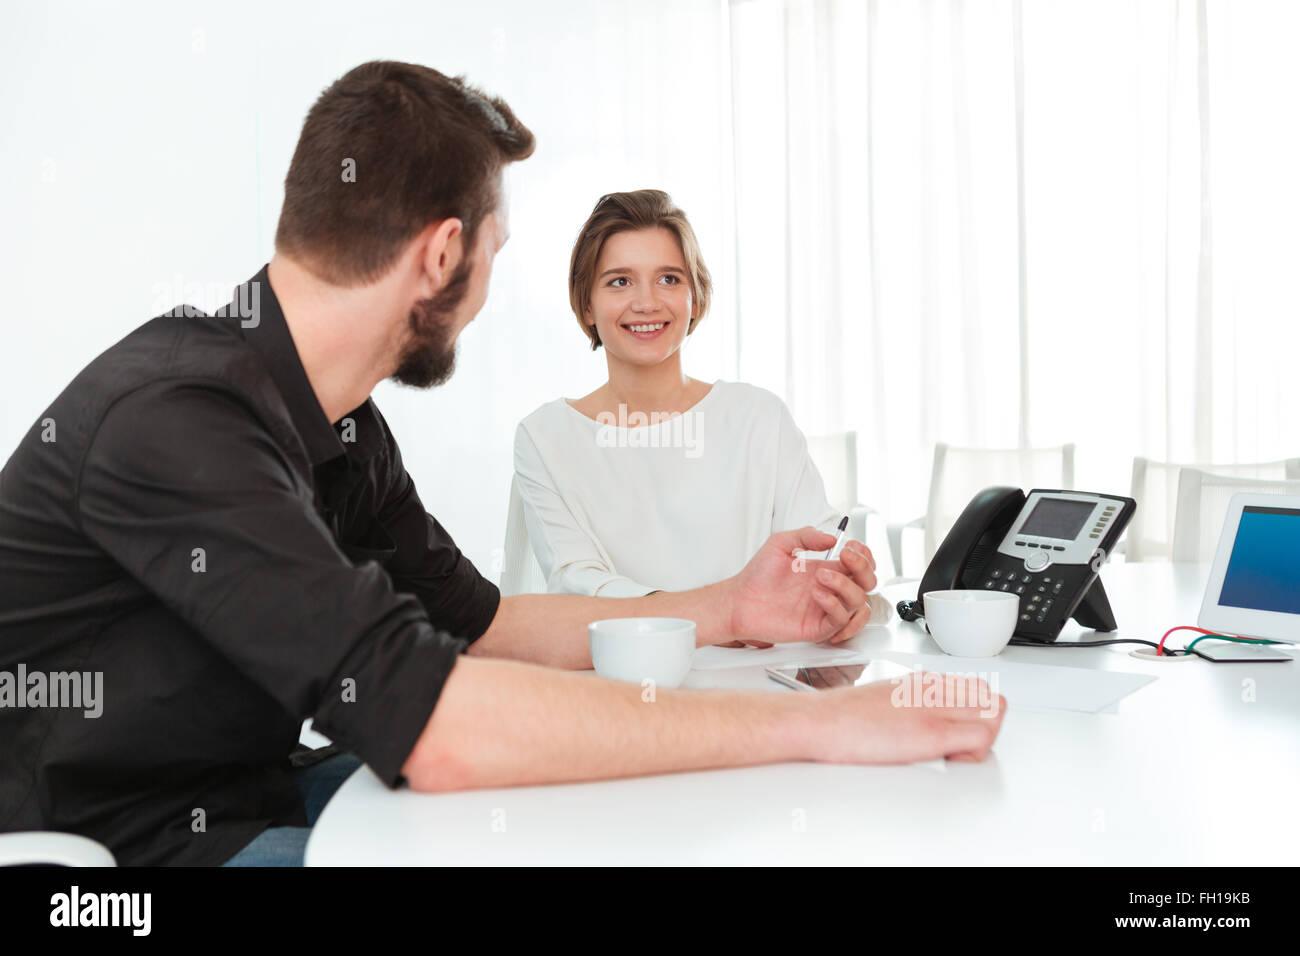 Zwei lächelnde junge Geschäftsleute sitzen und reden auf der Sitzung im Büro Stockbild